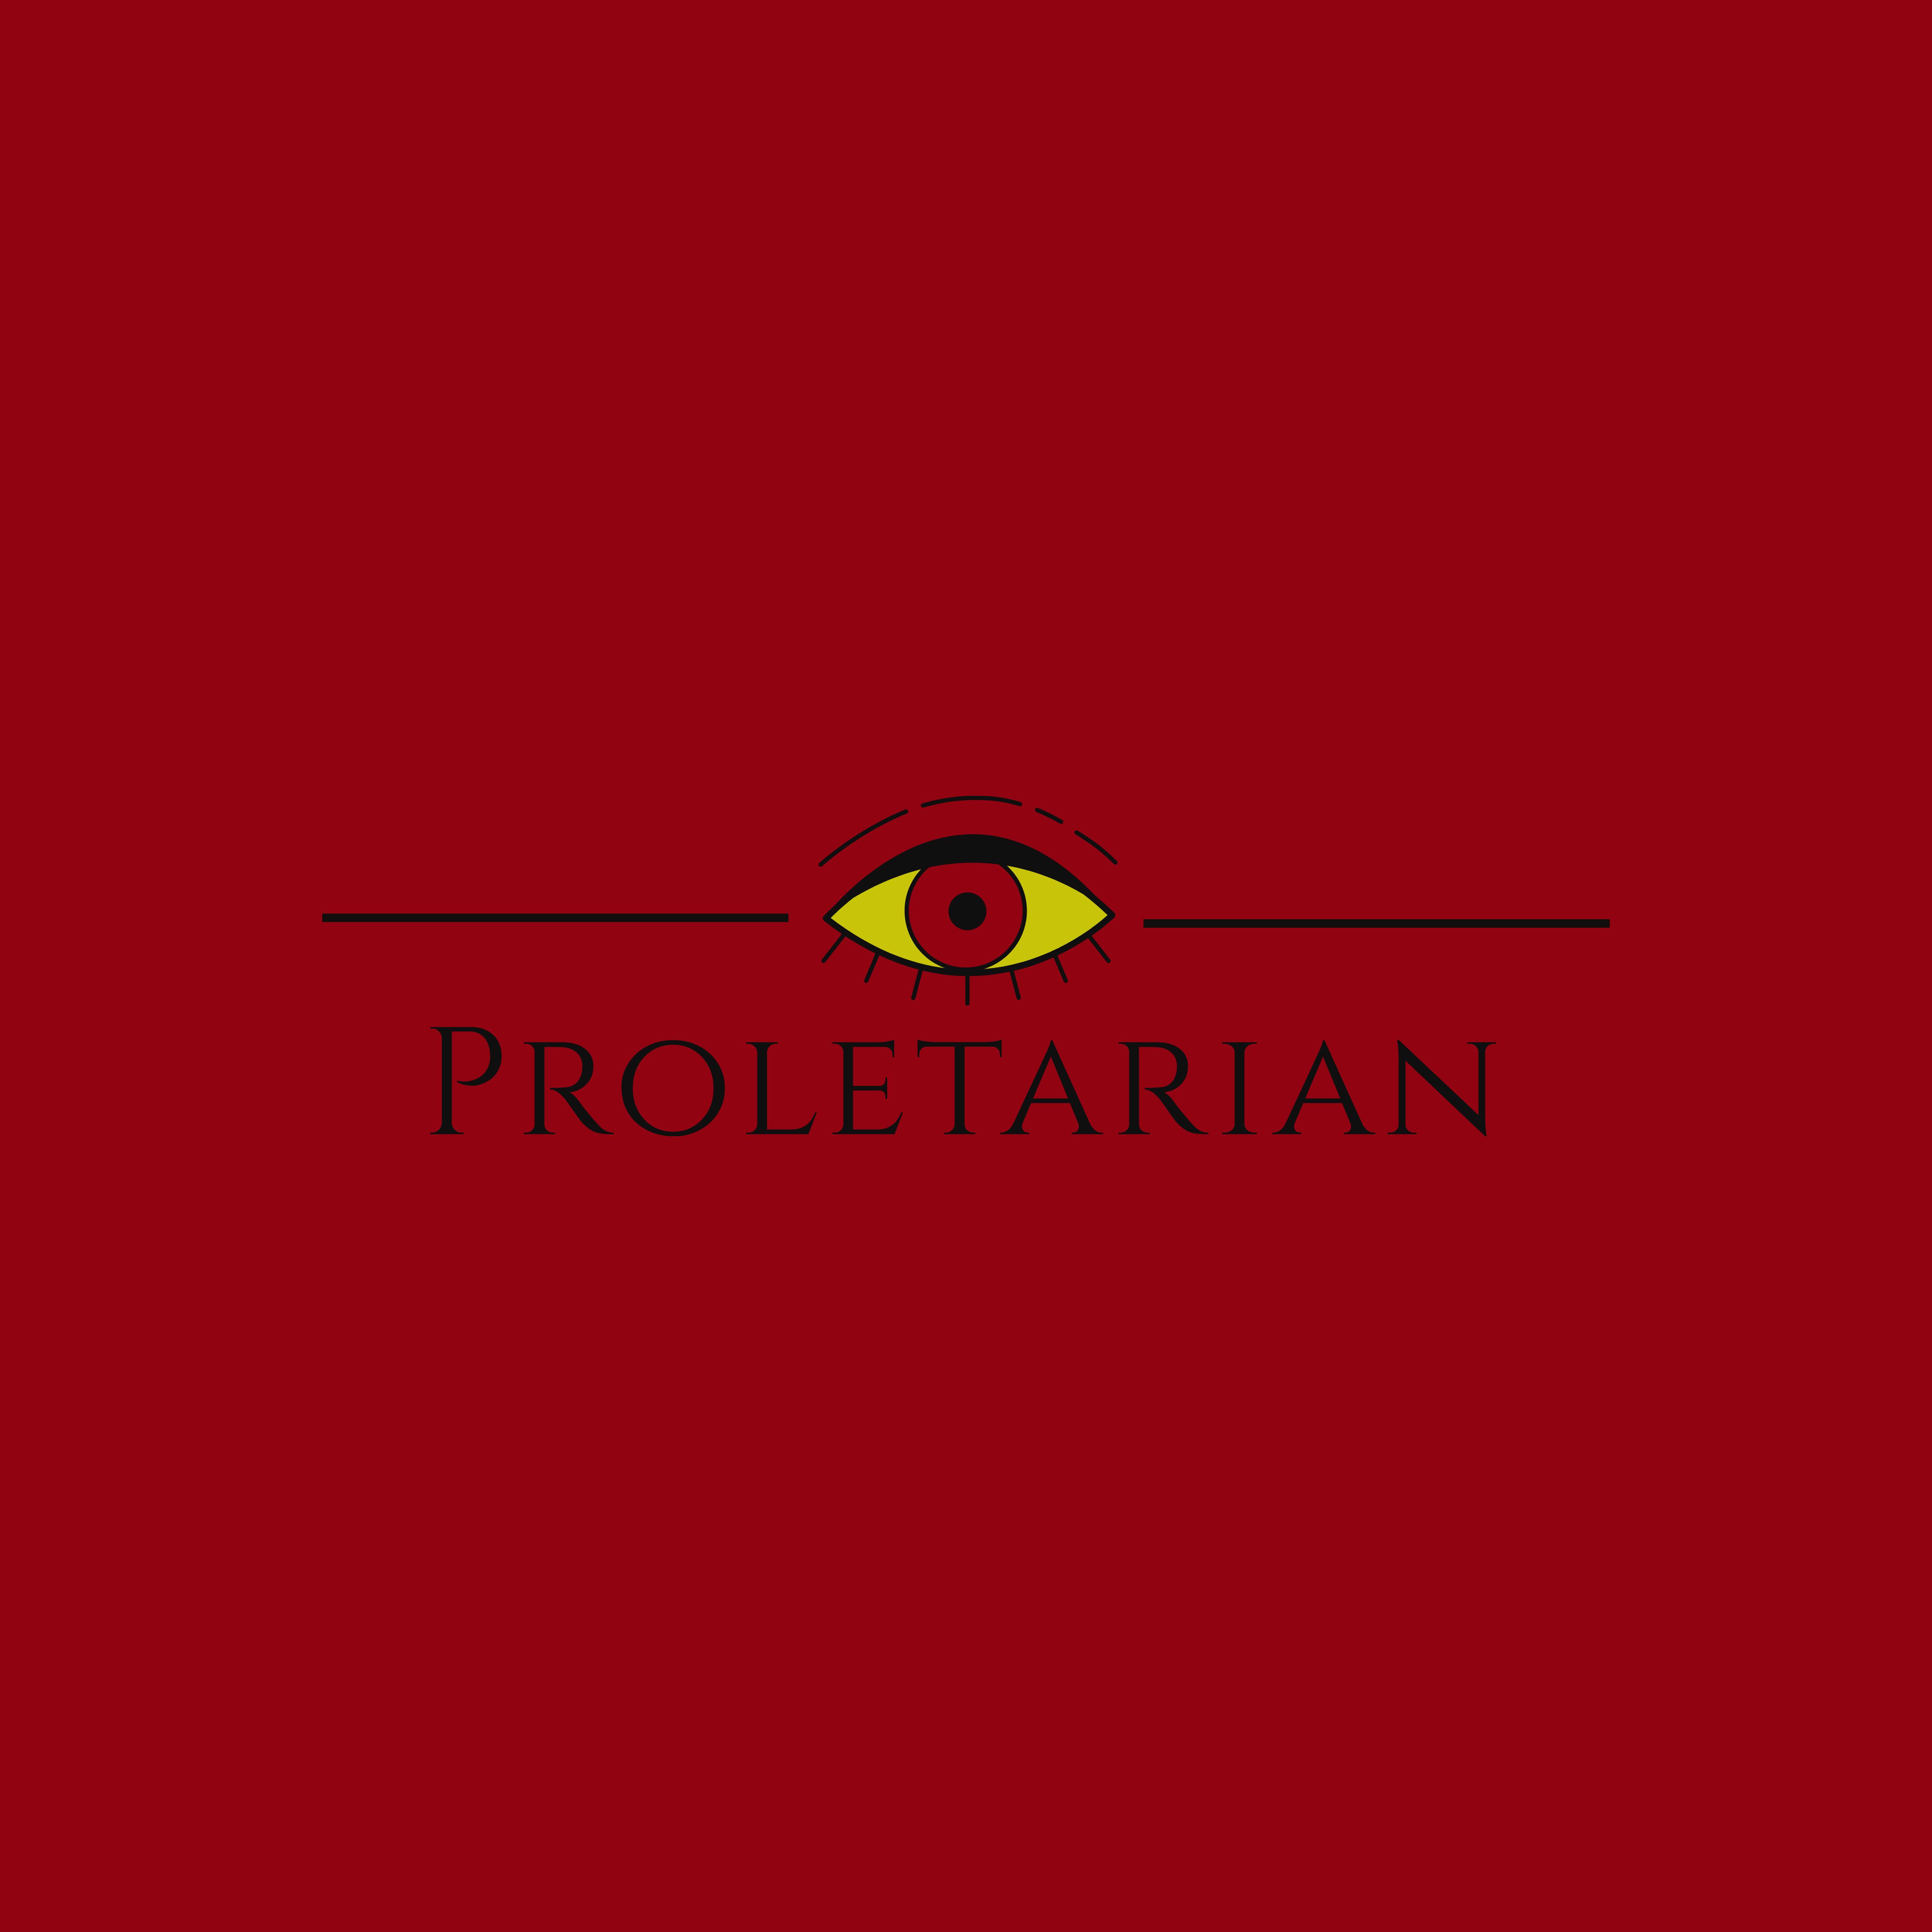 Proletarian